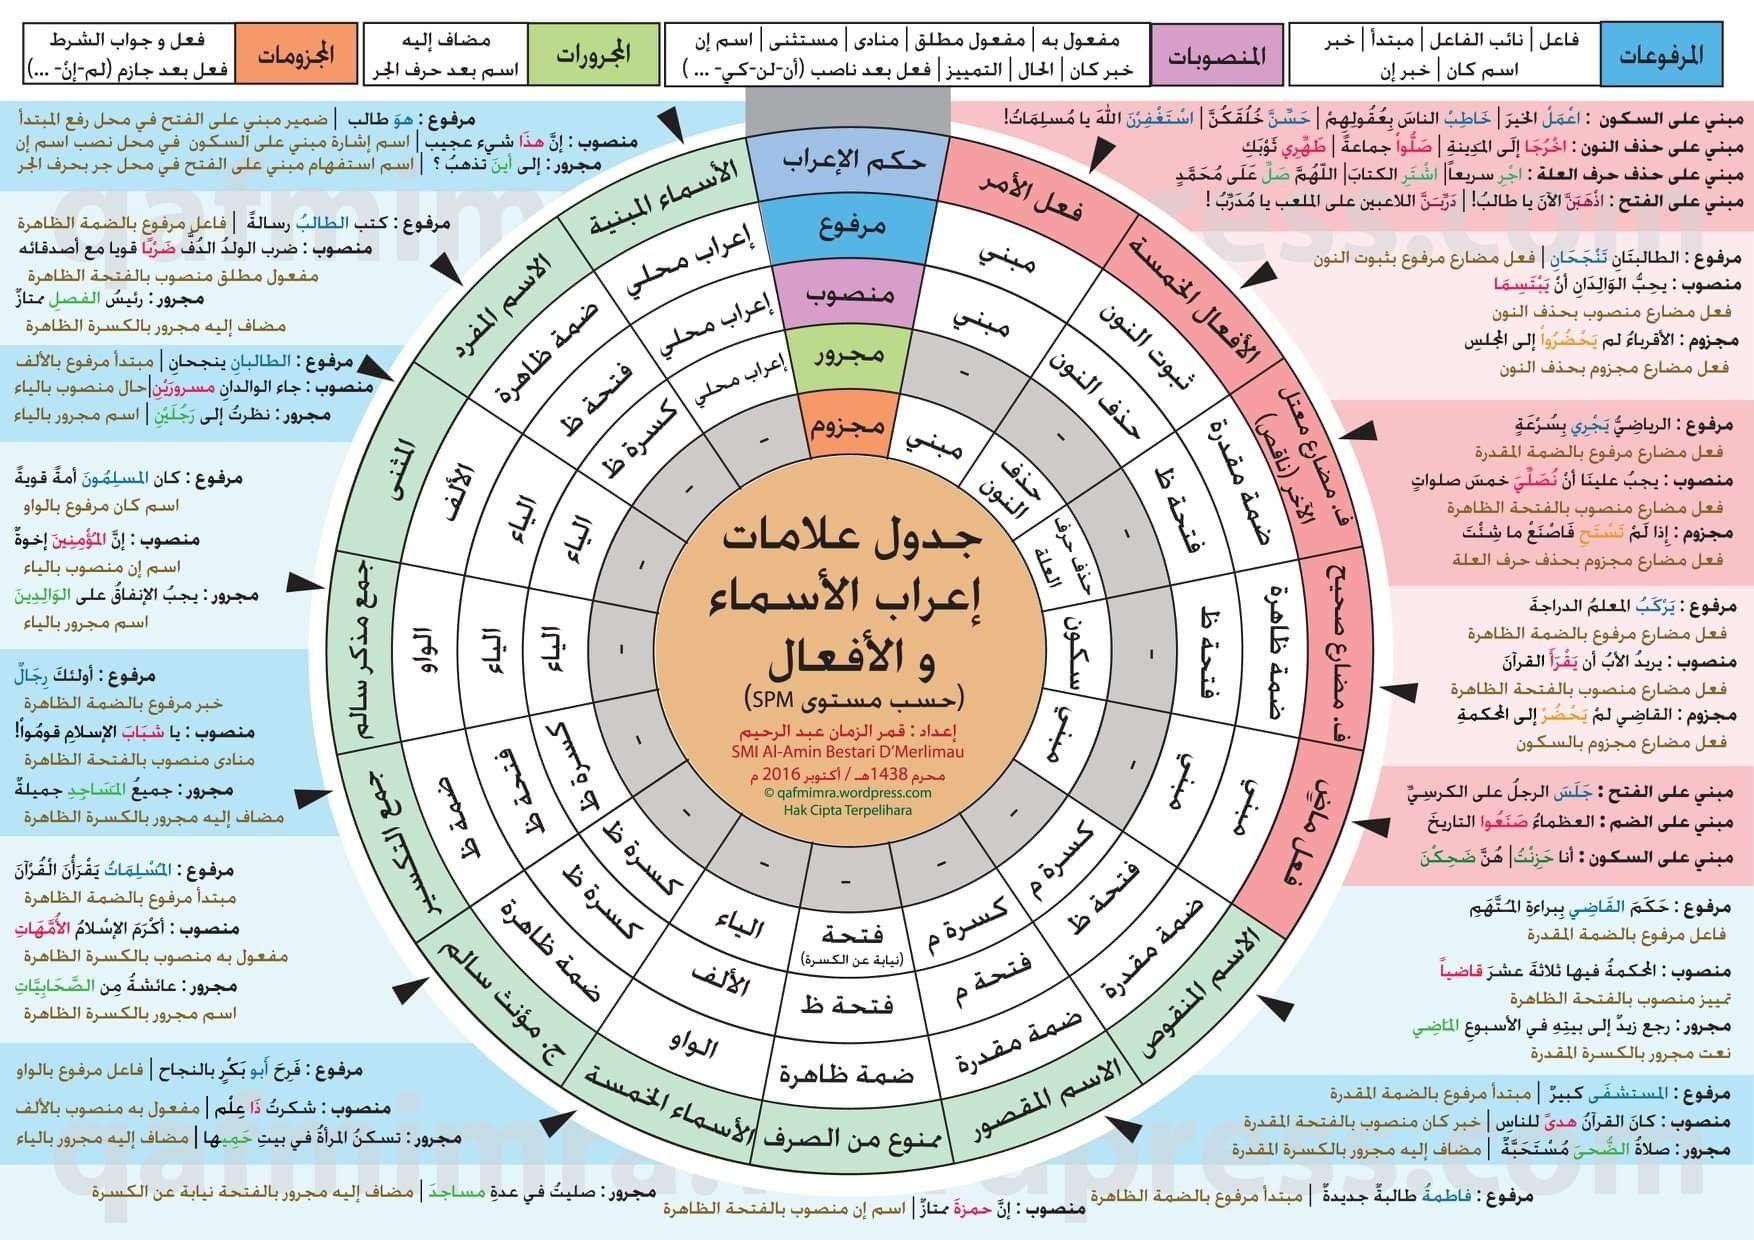 جدول اعراب Arabic Language Business Tips Periodic Table